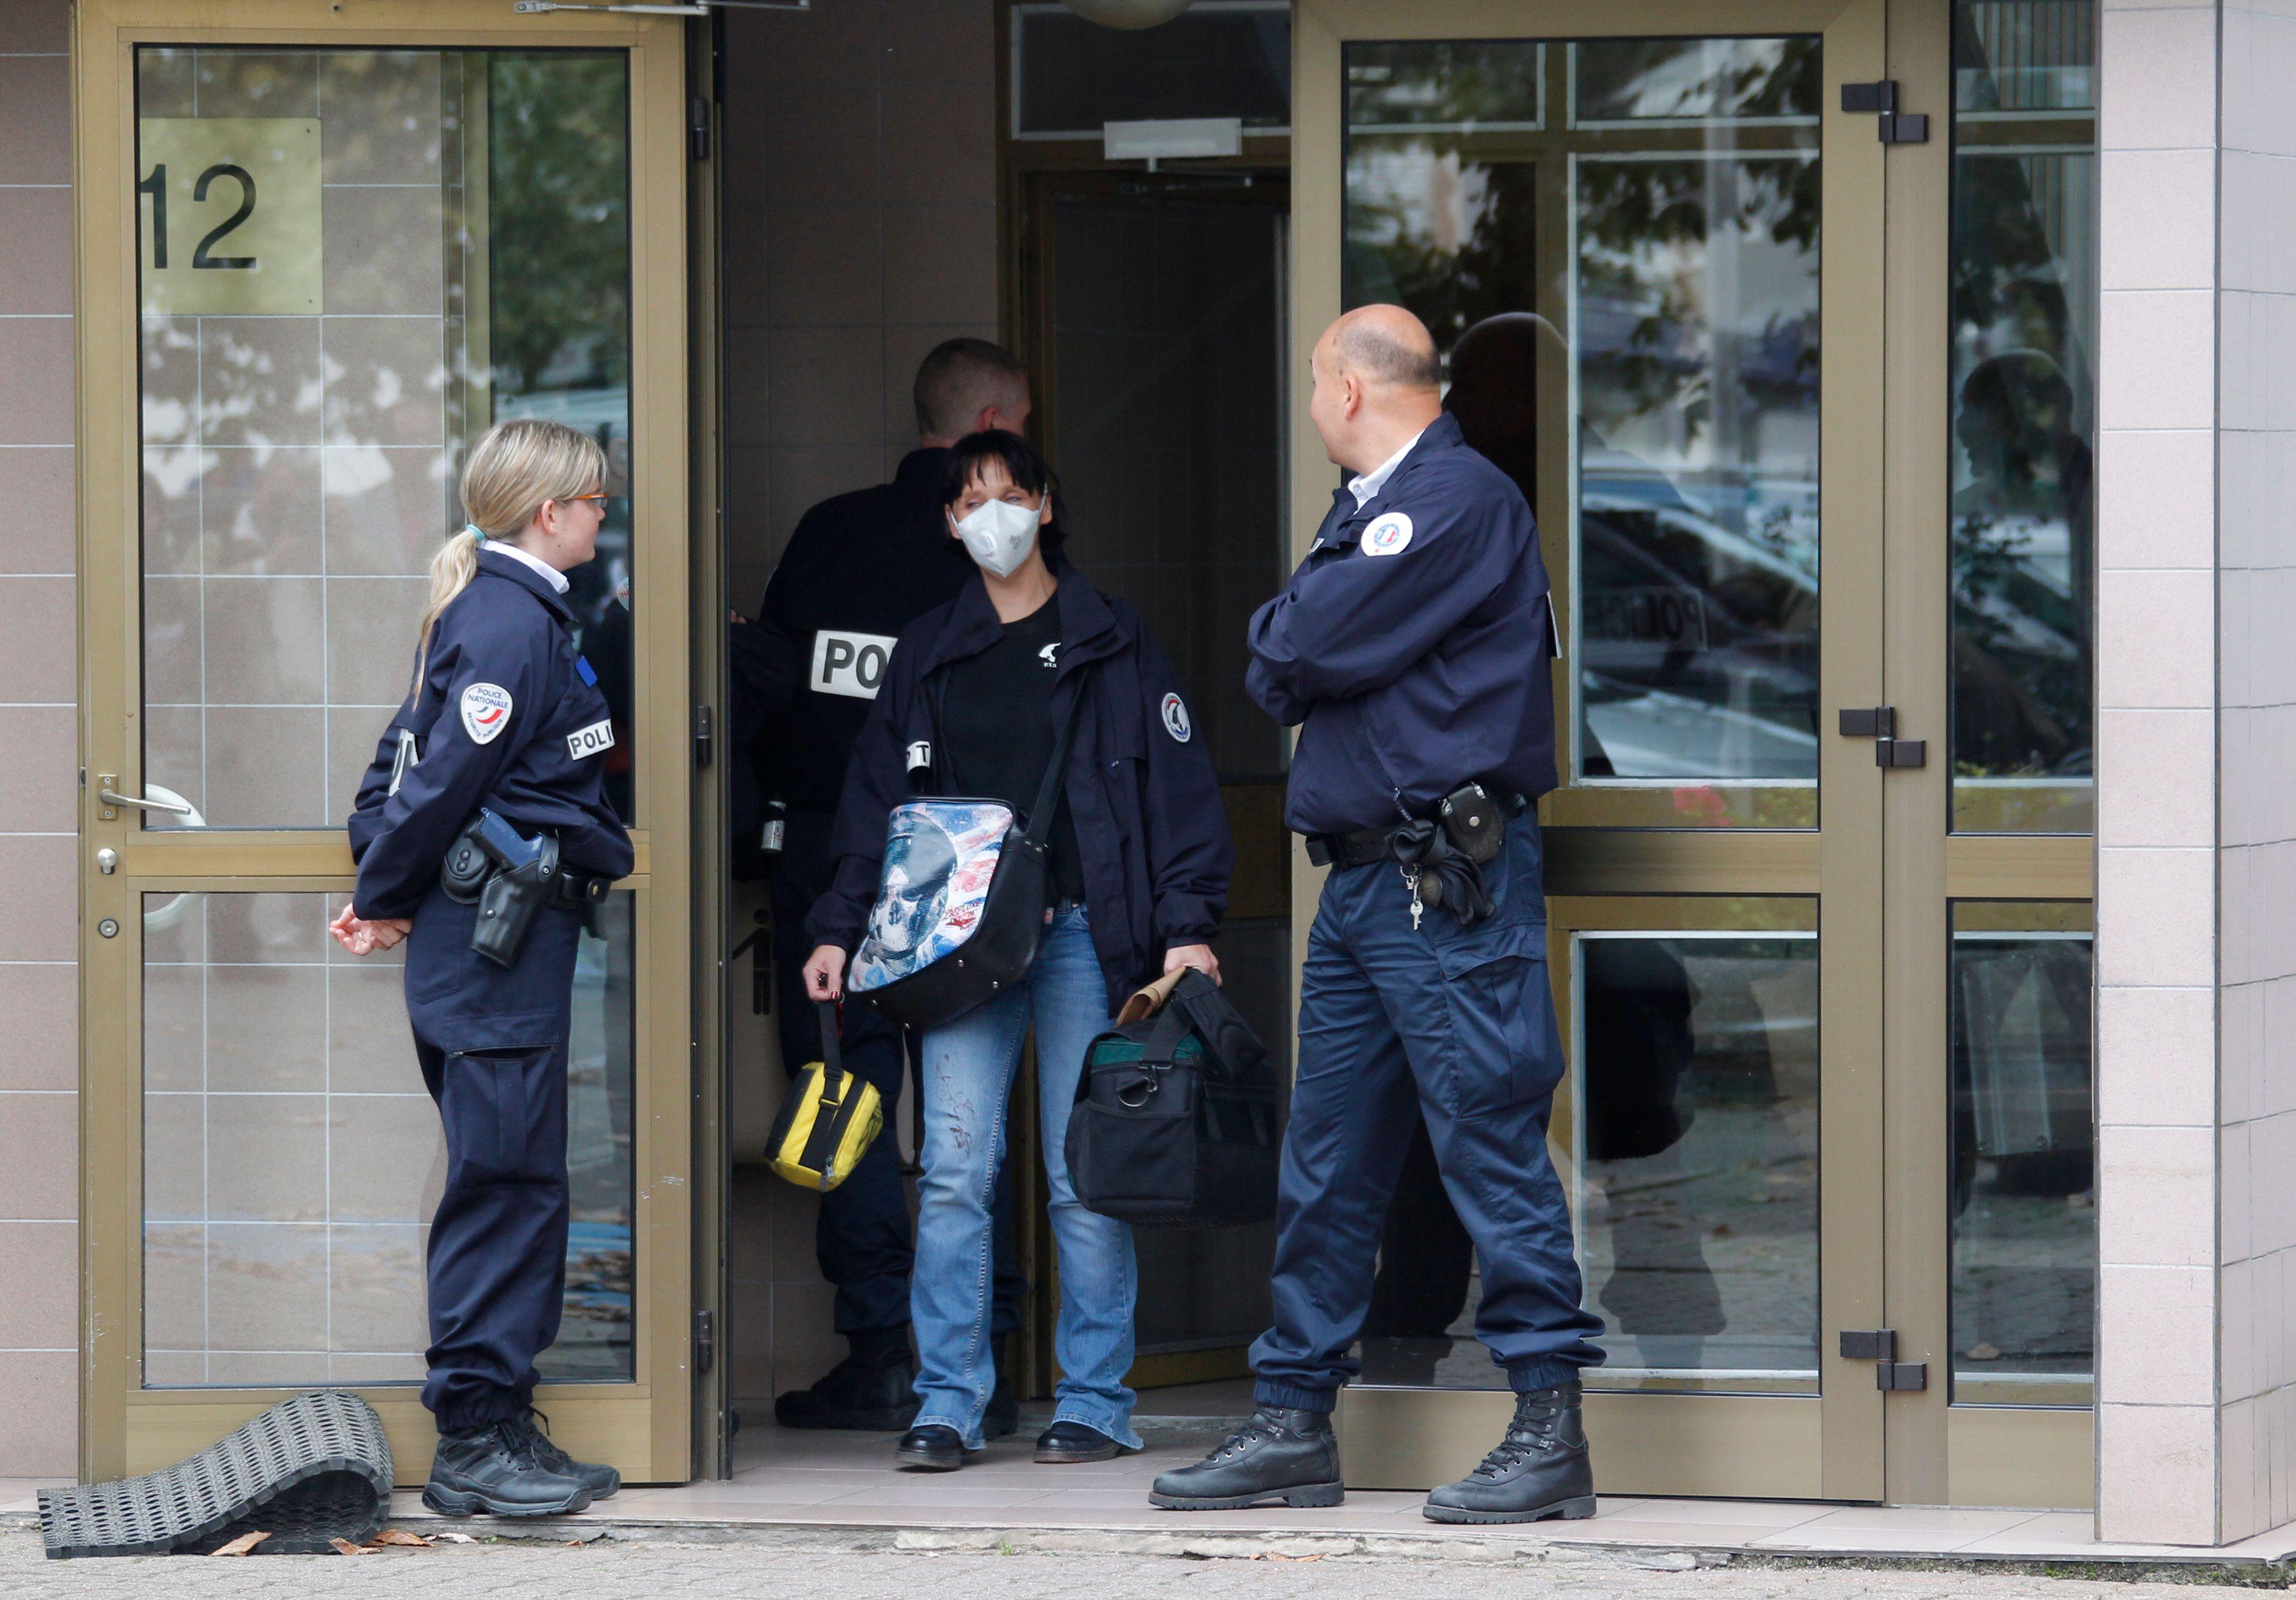 EXCLUSIF - Le télégramme qui révèle l'inquiétude du patron de la police sur les menaces terroristes contre les forces de l'ordre